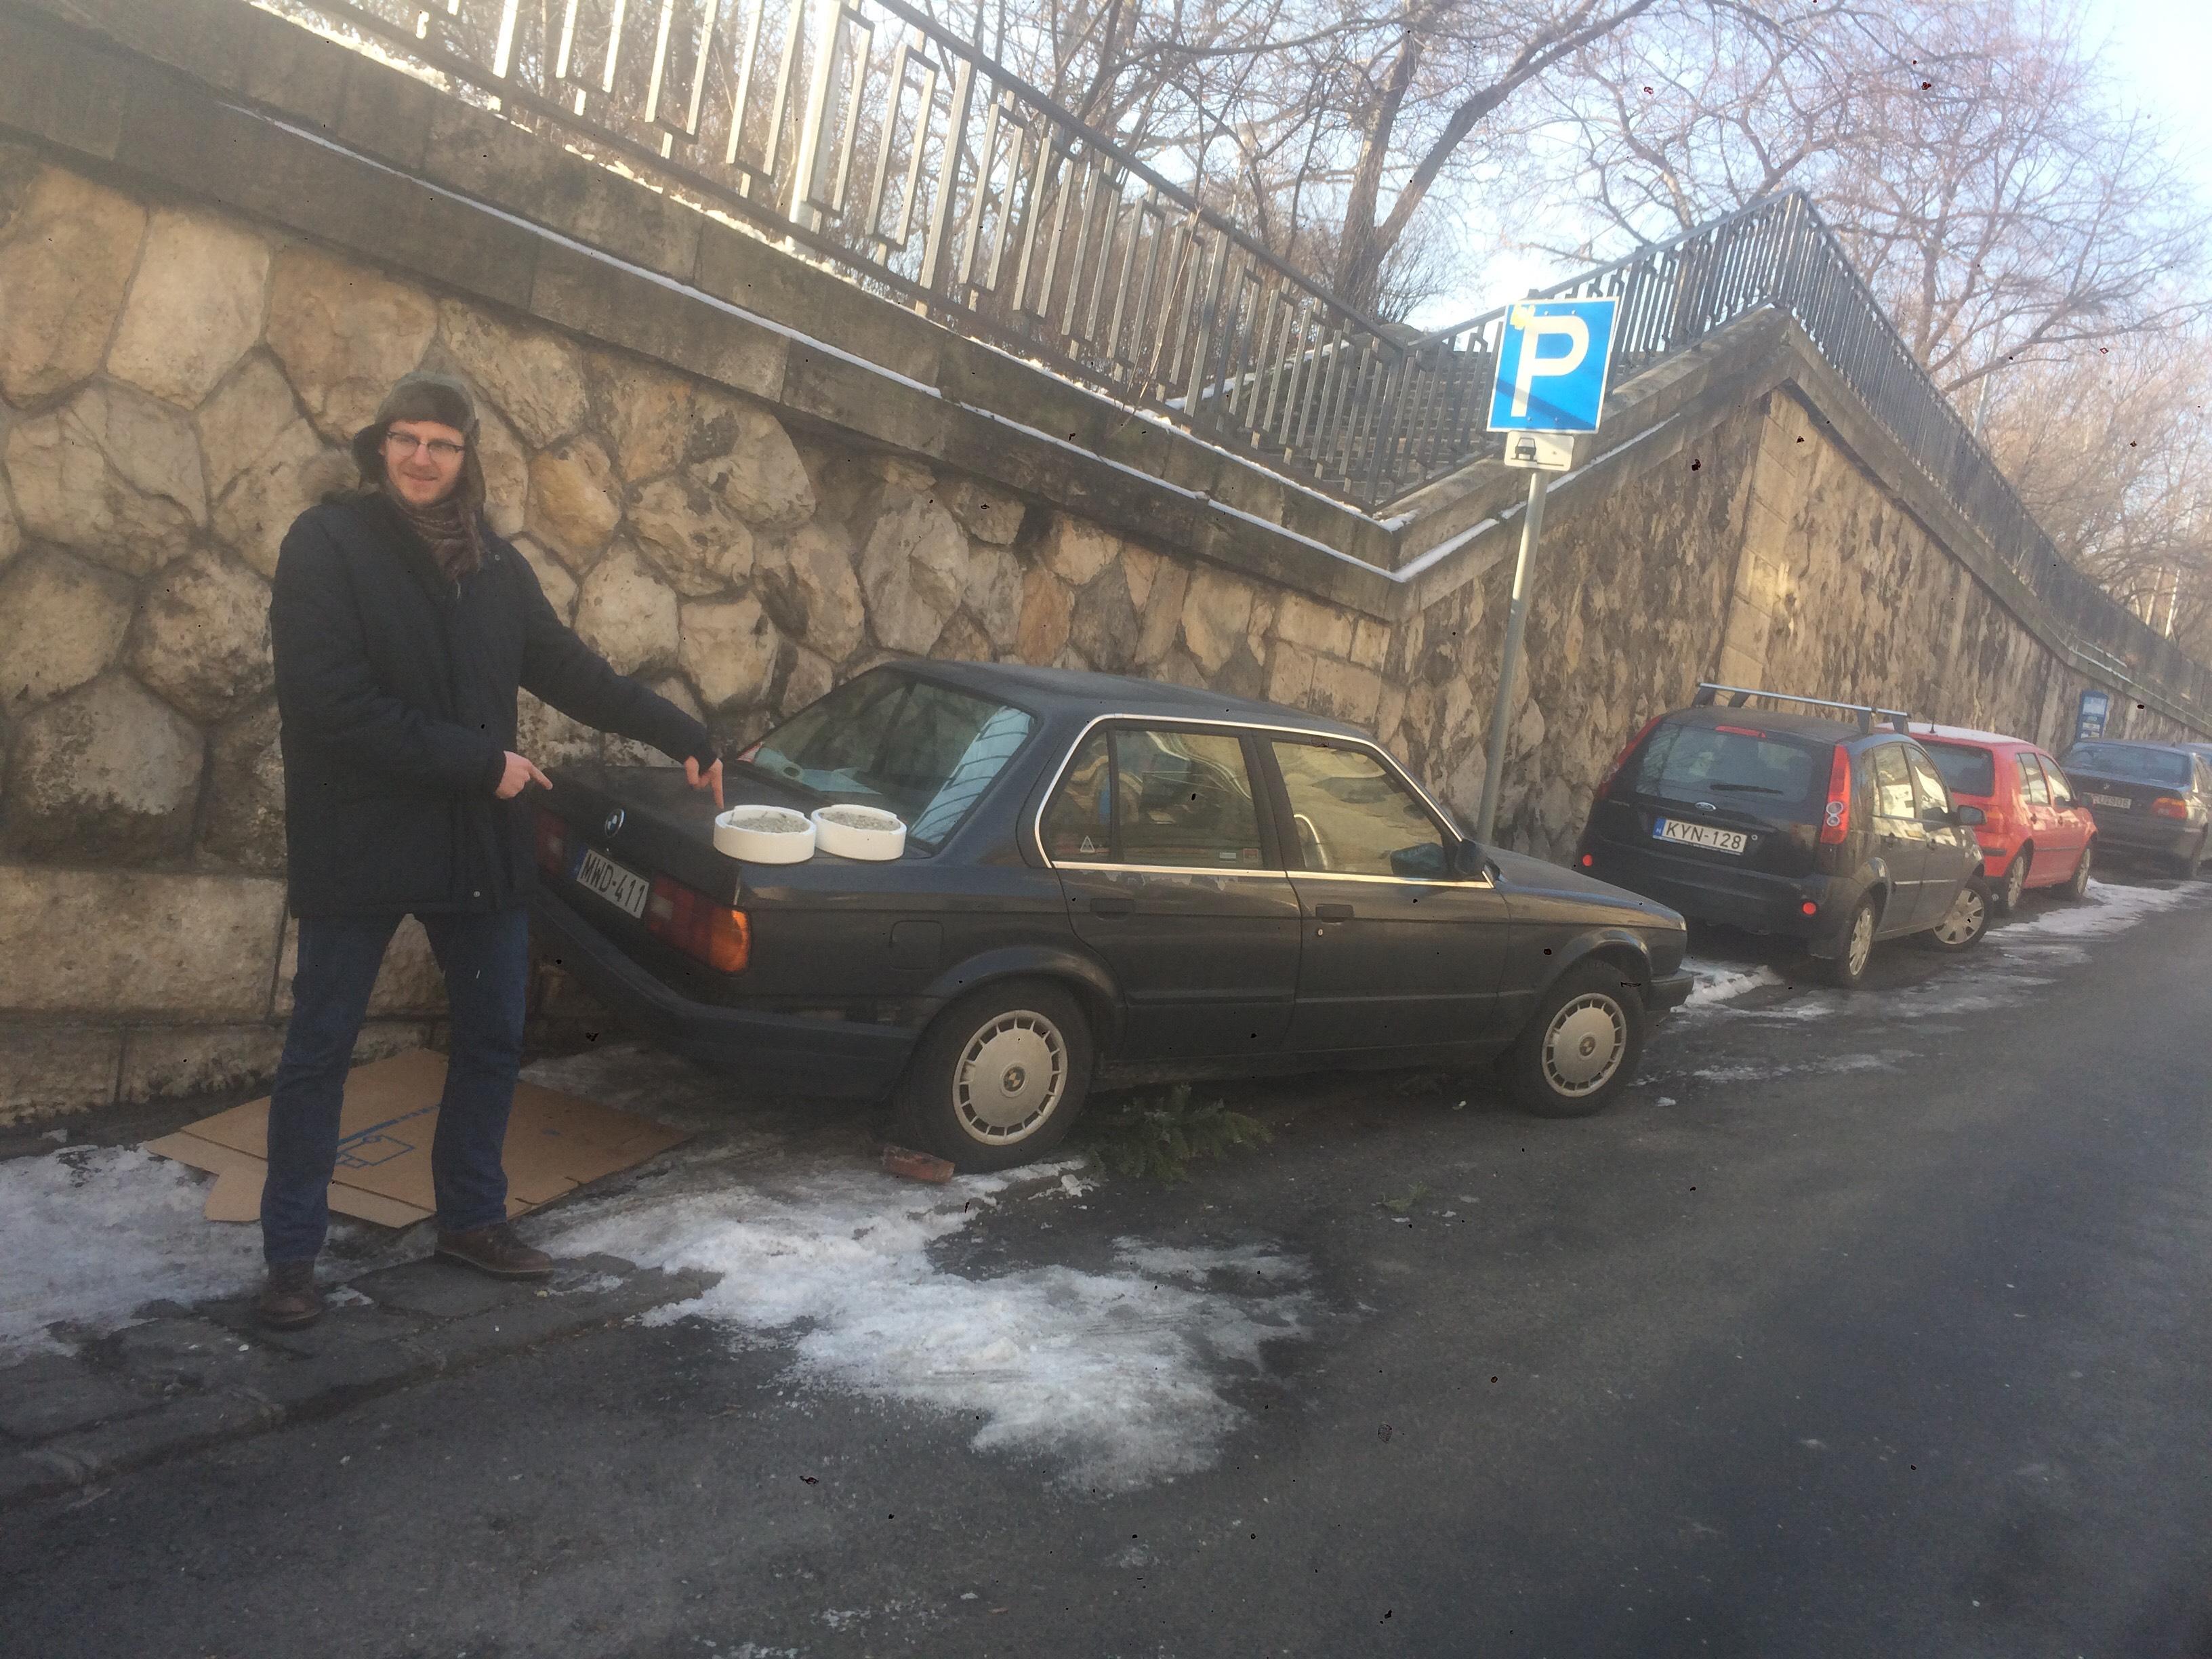 Óránként 465 forint a parkolás, de nem takarítják el a jeget. Ha emiatt lezúzod az autód? Oldd meg magad, üzeni az önkormányzat